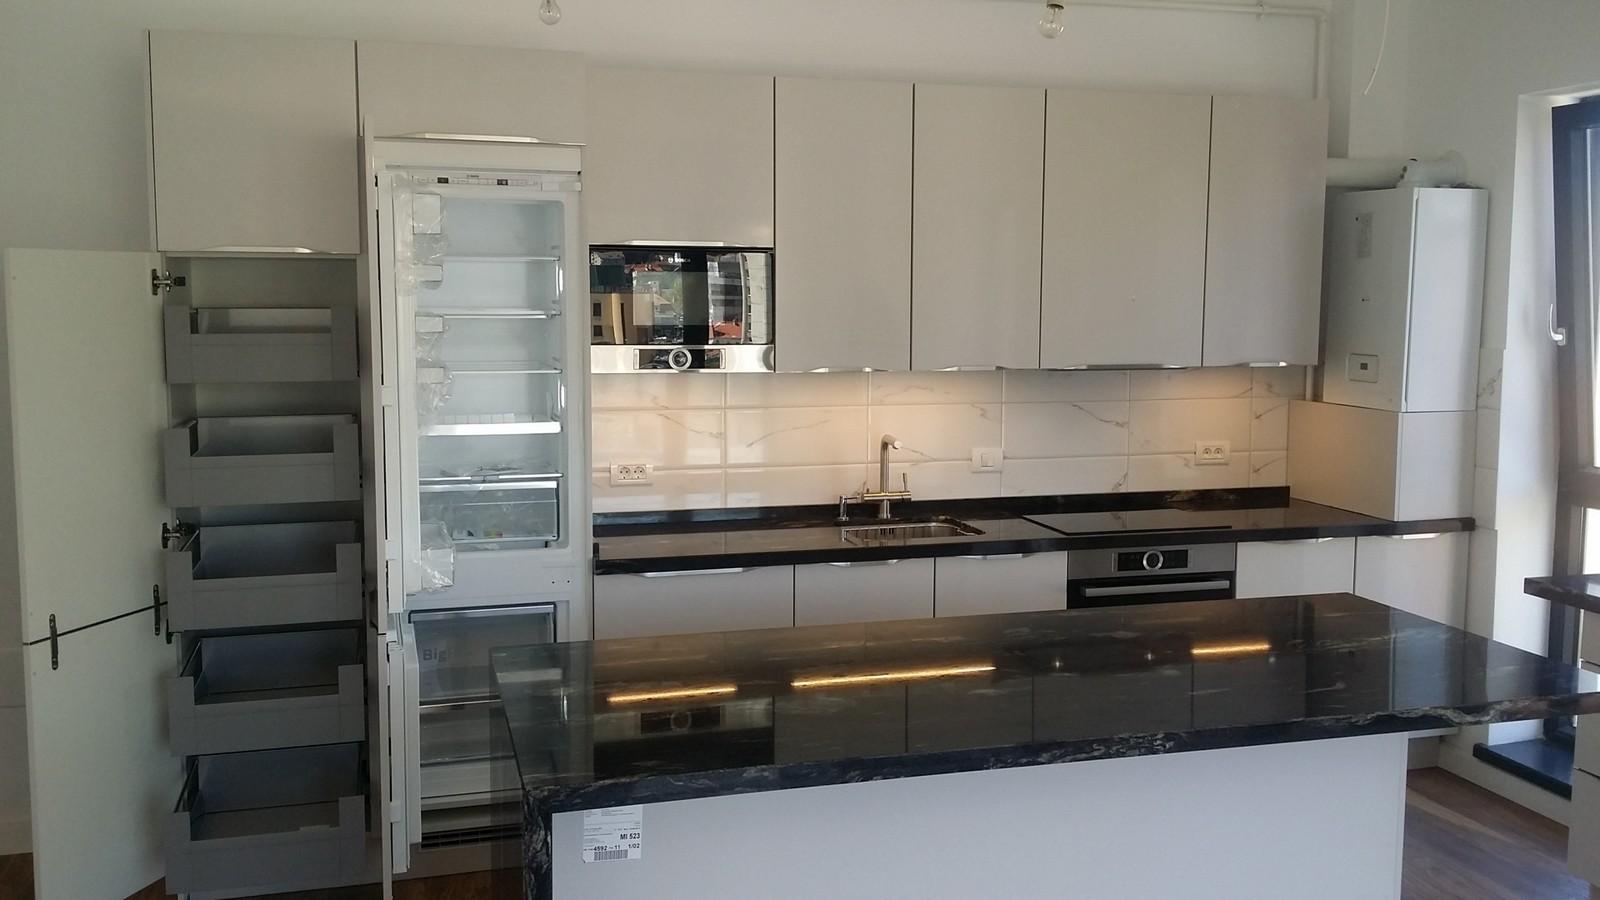 Referință - Bucătărie modernă Nobilia Touch - Satin gri / Granit autentic